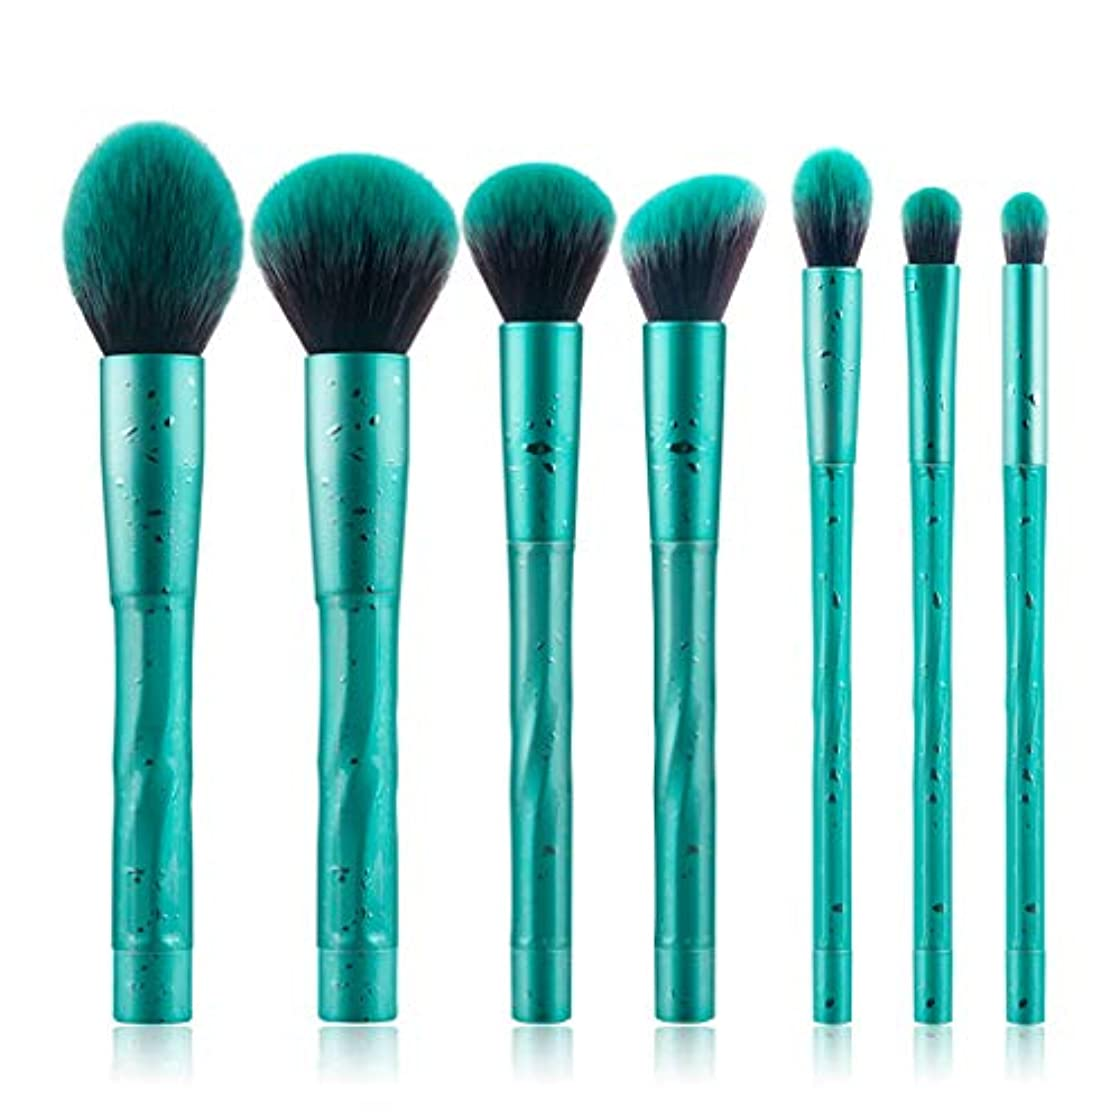 登録スクラップ不正確5化粧ブラシアイシャドーブラッシュ美容ブラシ初心者セット